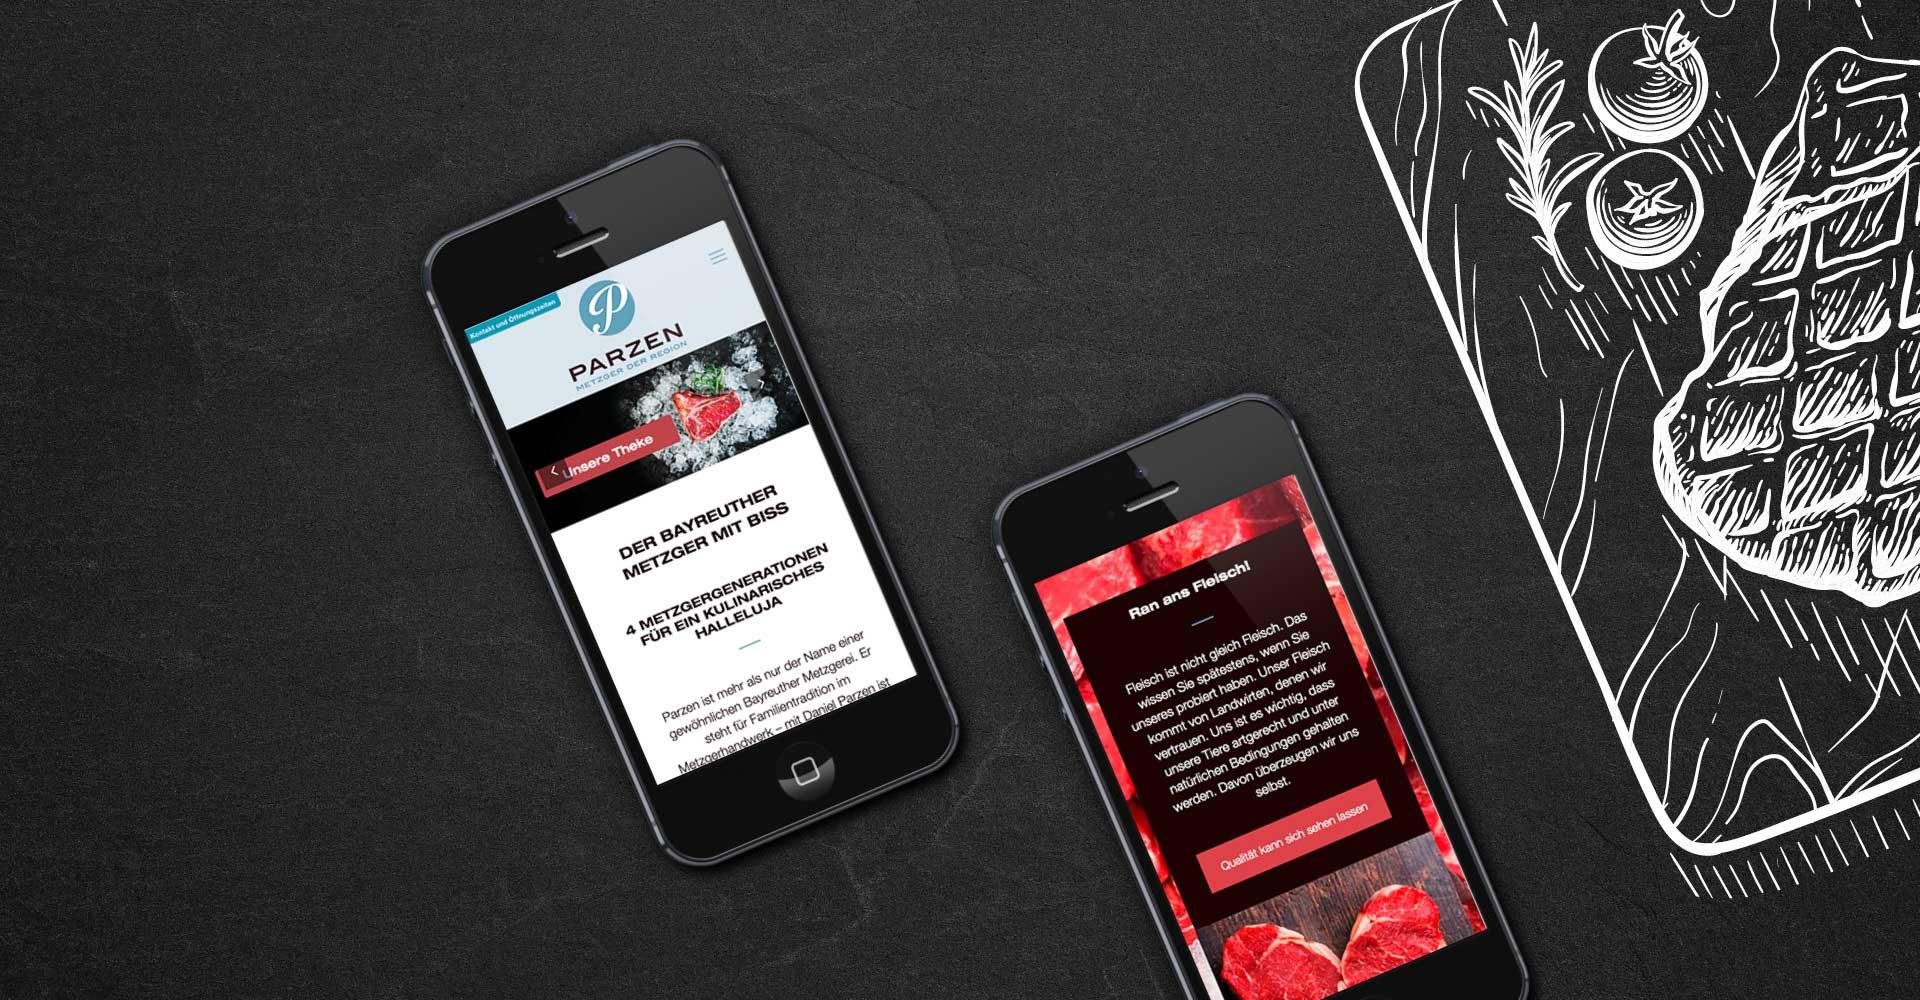 OPUS Marketing / Projekte / Metzgerei Parzen / Website / responsive mobile